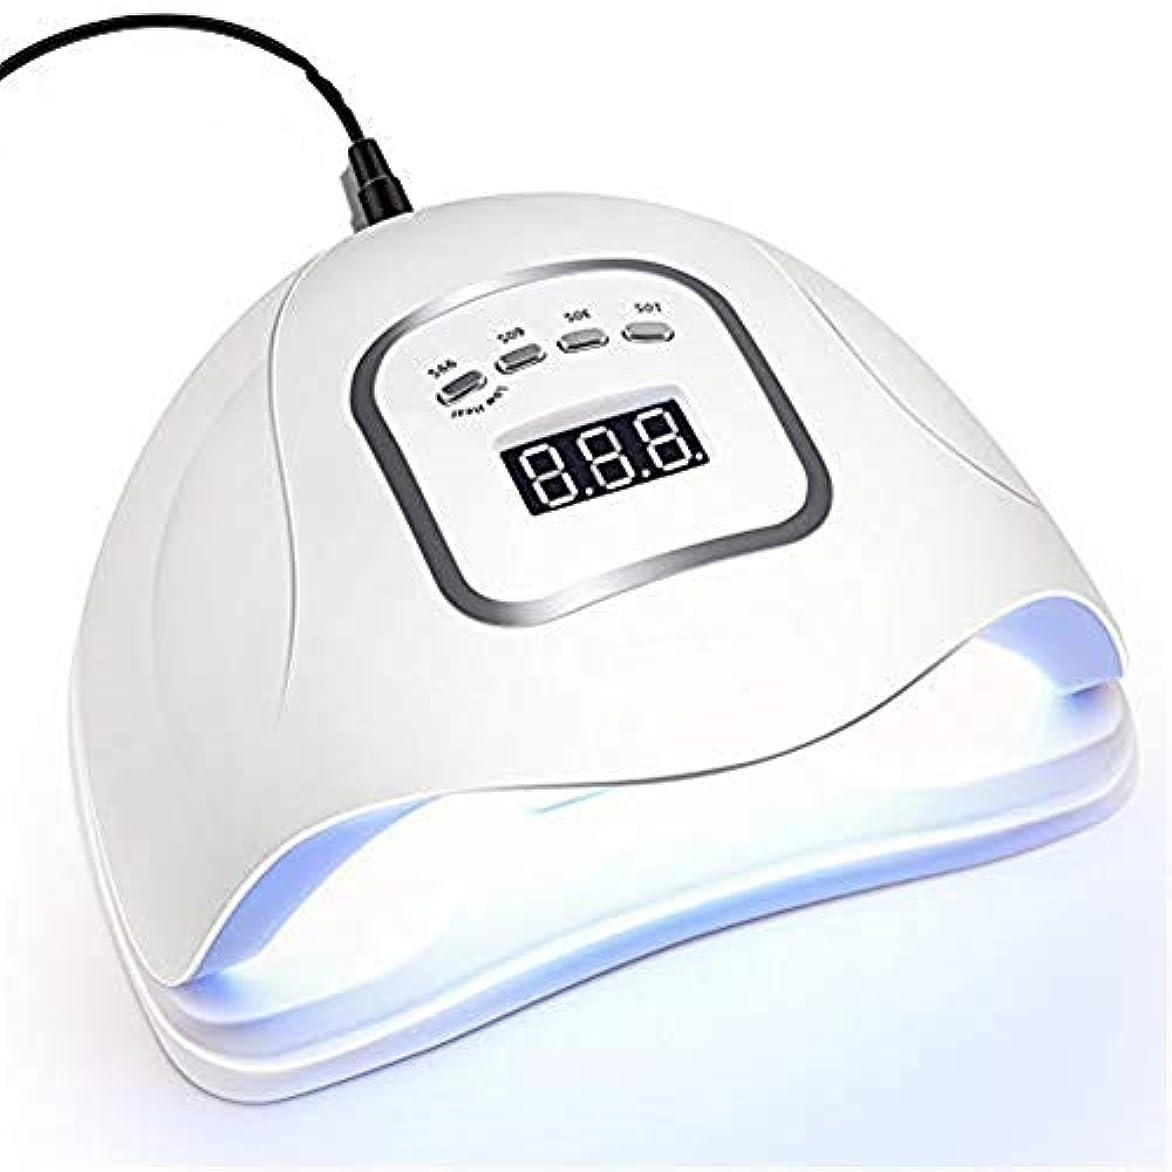 脊椎画面陽気な45個のランプビーズ付きUV LEDネイルランプ、すべてのジェルポリッシュ用の高速ネイルドライヤー、自動センサー付きマニキュア用UV光カットランプ&4つのタイマー、LCDディスプレイ